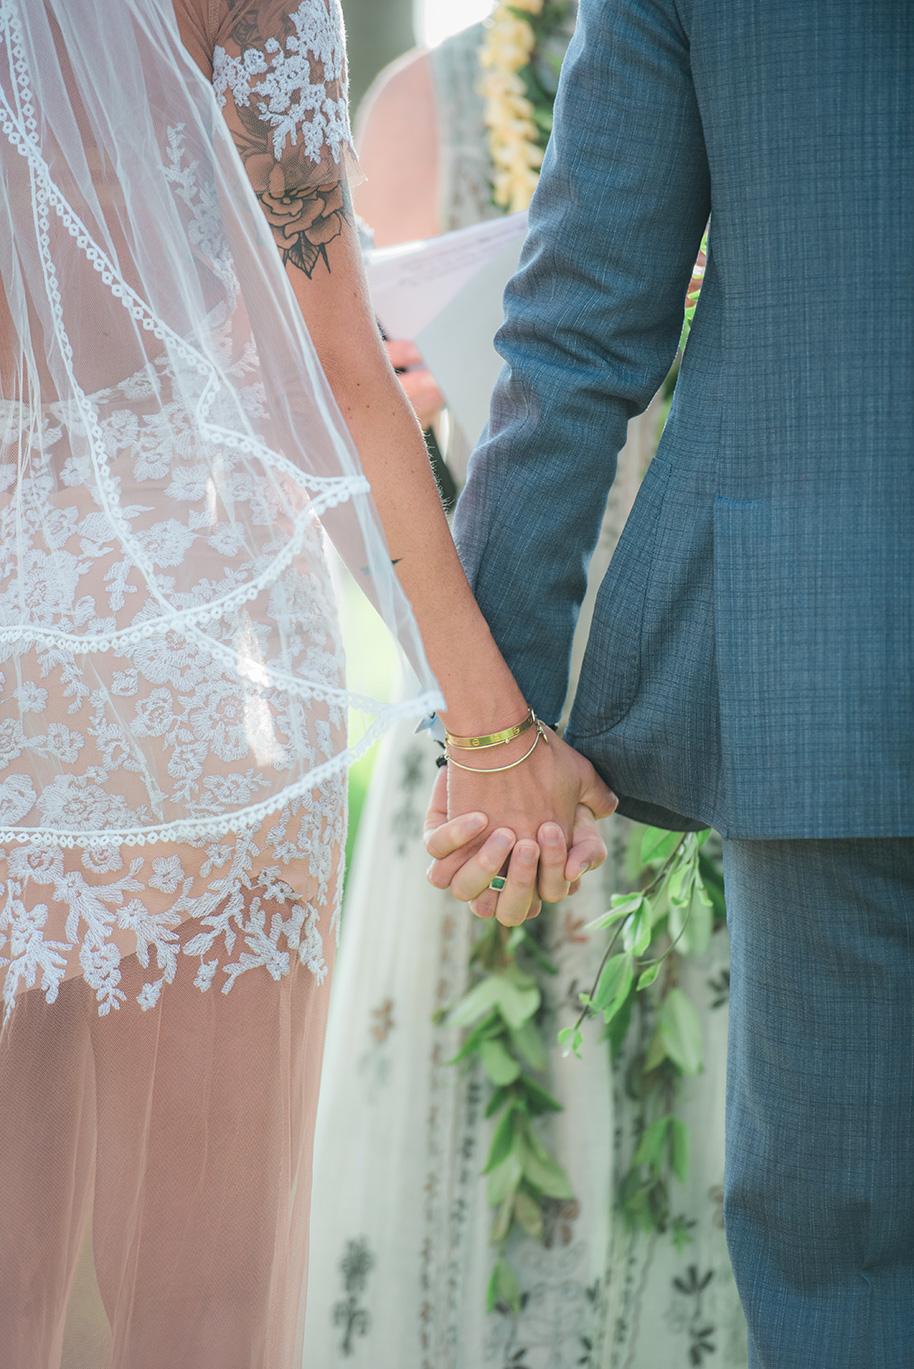 Lanikuhonua-Wedding-052316-11.jpg